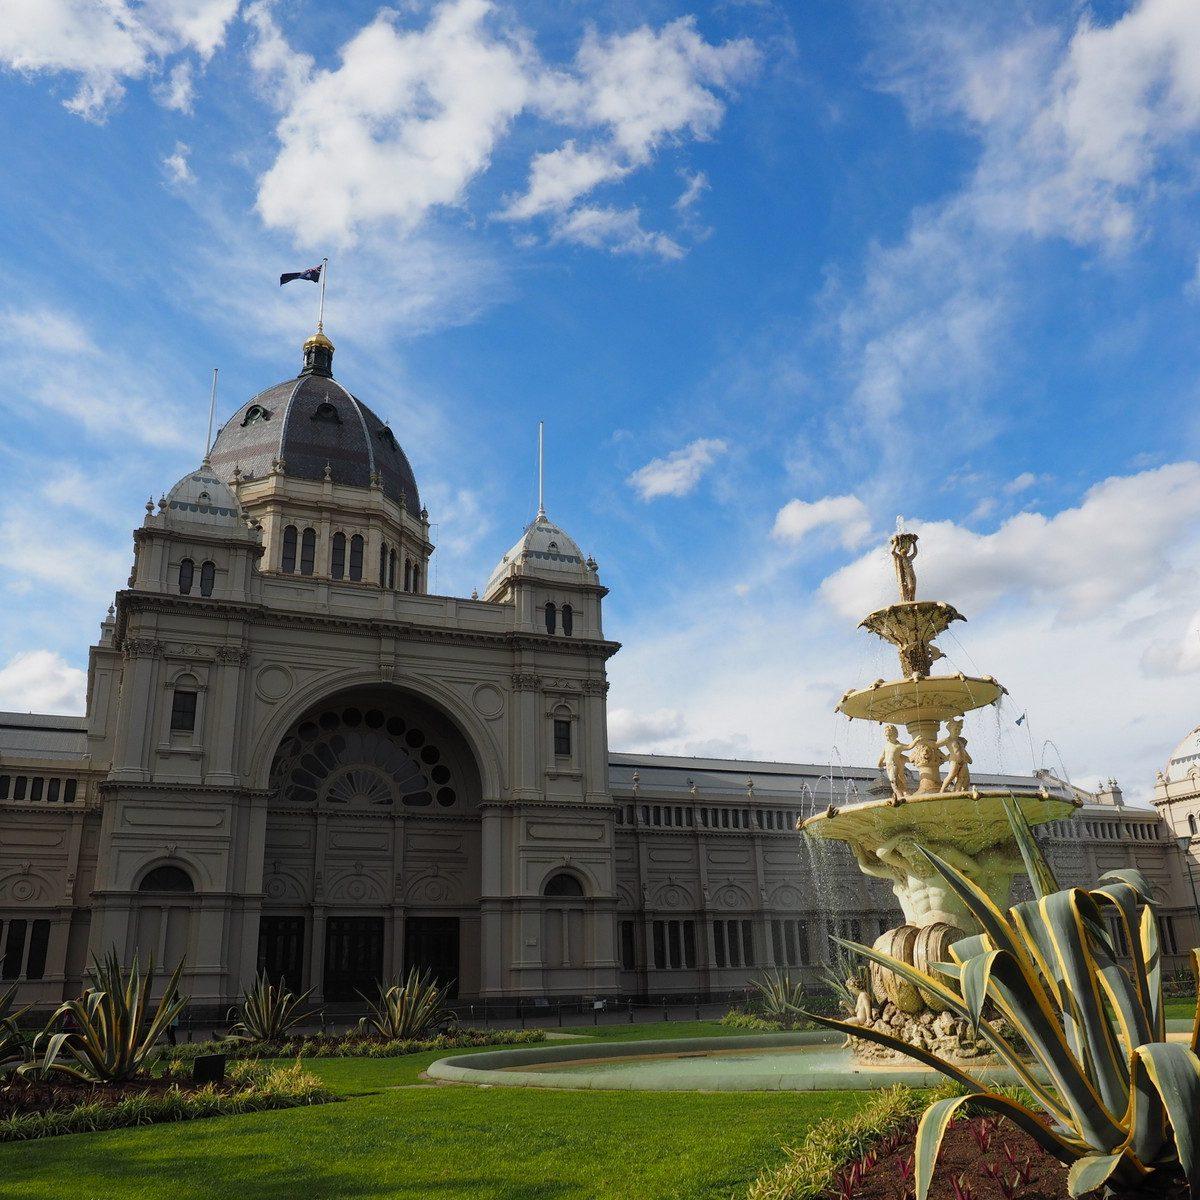 Royal Exibition Center (1880)